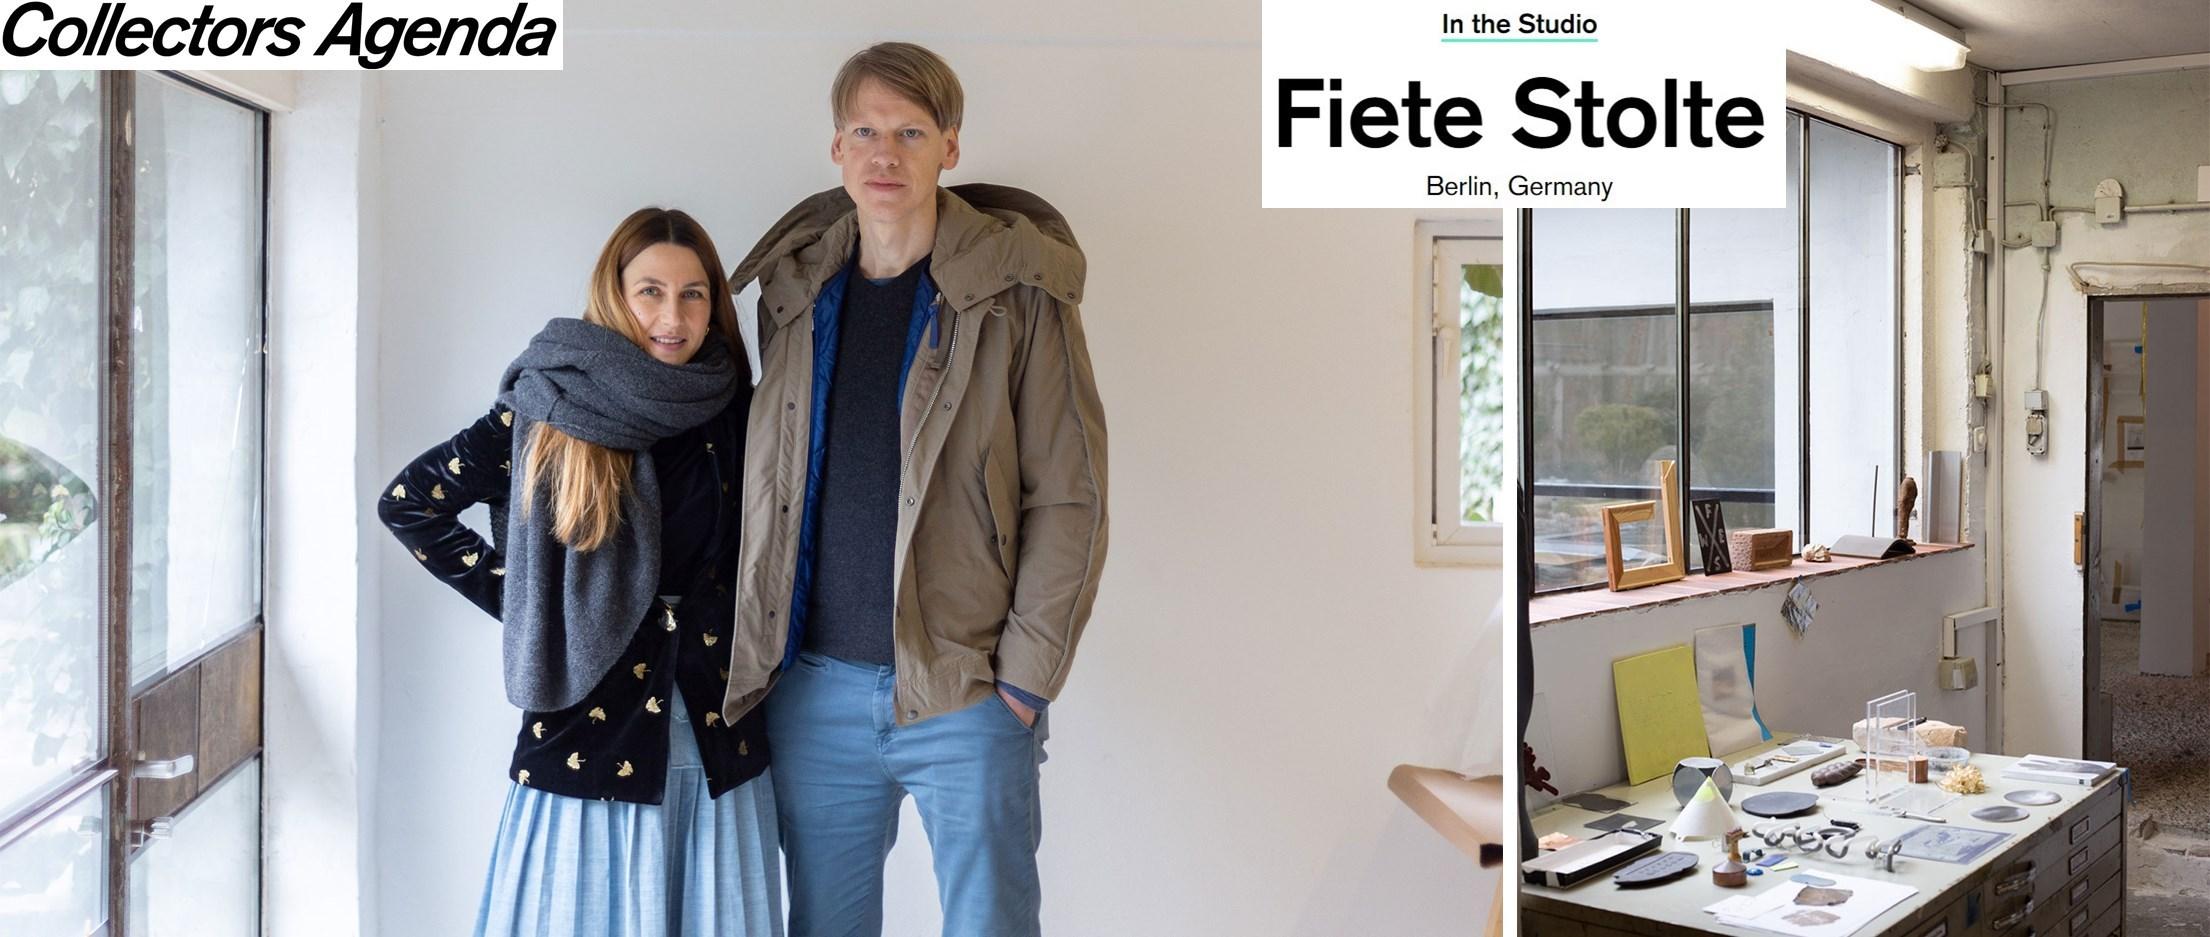 Fiete_Stolte - In the Studio final.jpg